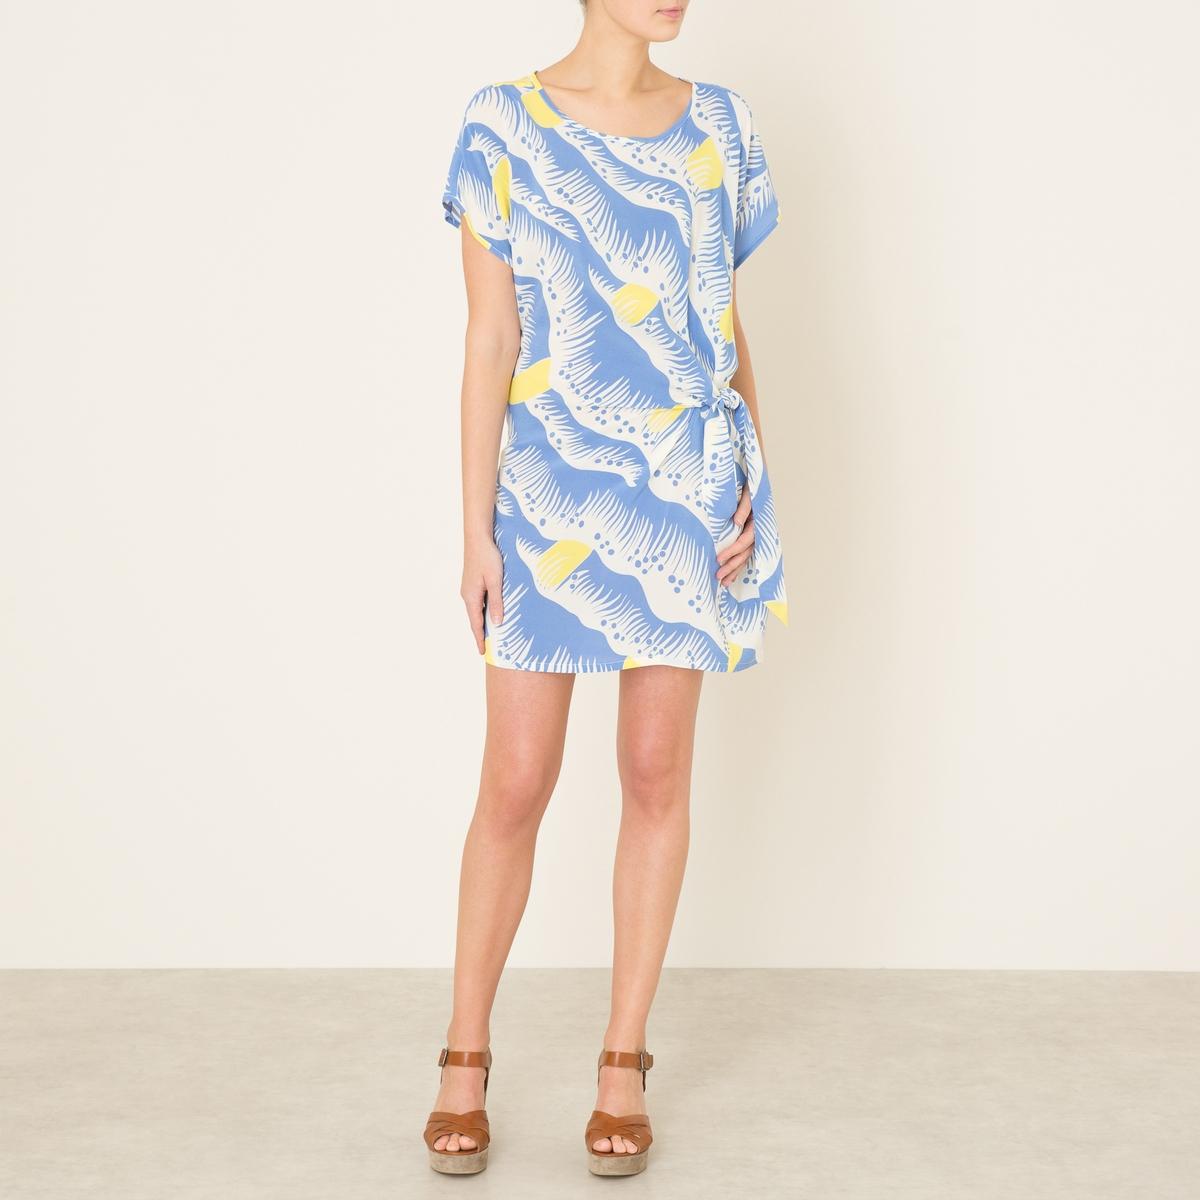 Платье YITAСостав и описание    Материал : 55% вискозы, 45% шелка   Длина : ок.88 см. для размера 36   Марка : TOUPY<br><br>Цвет: наб. рисунок синий